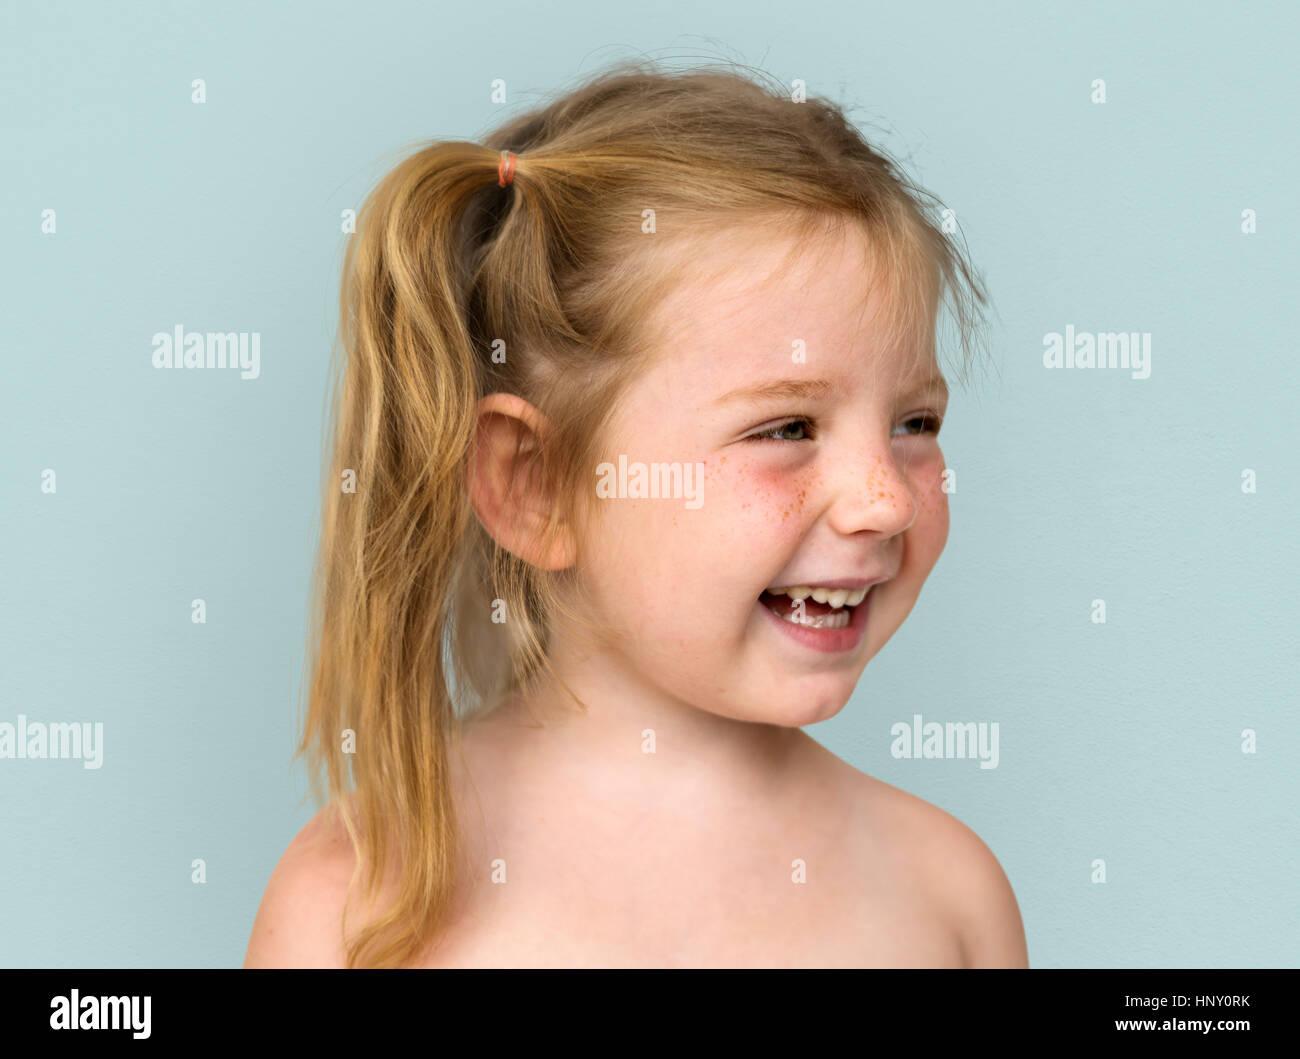 Kaukasische kleine Mädchen nackten Oberkörper lächelnd